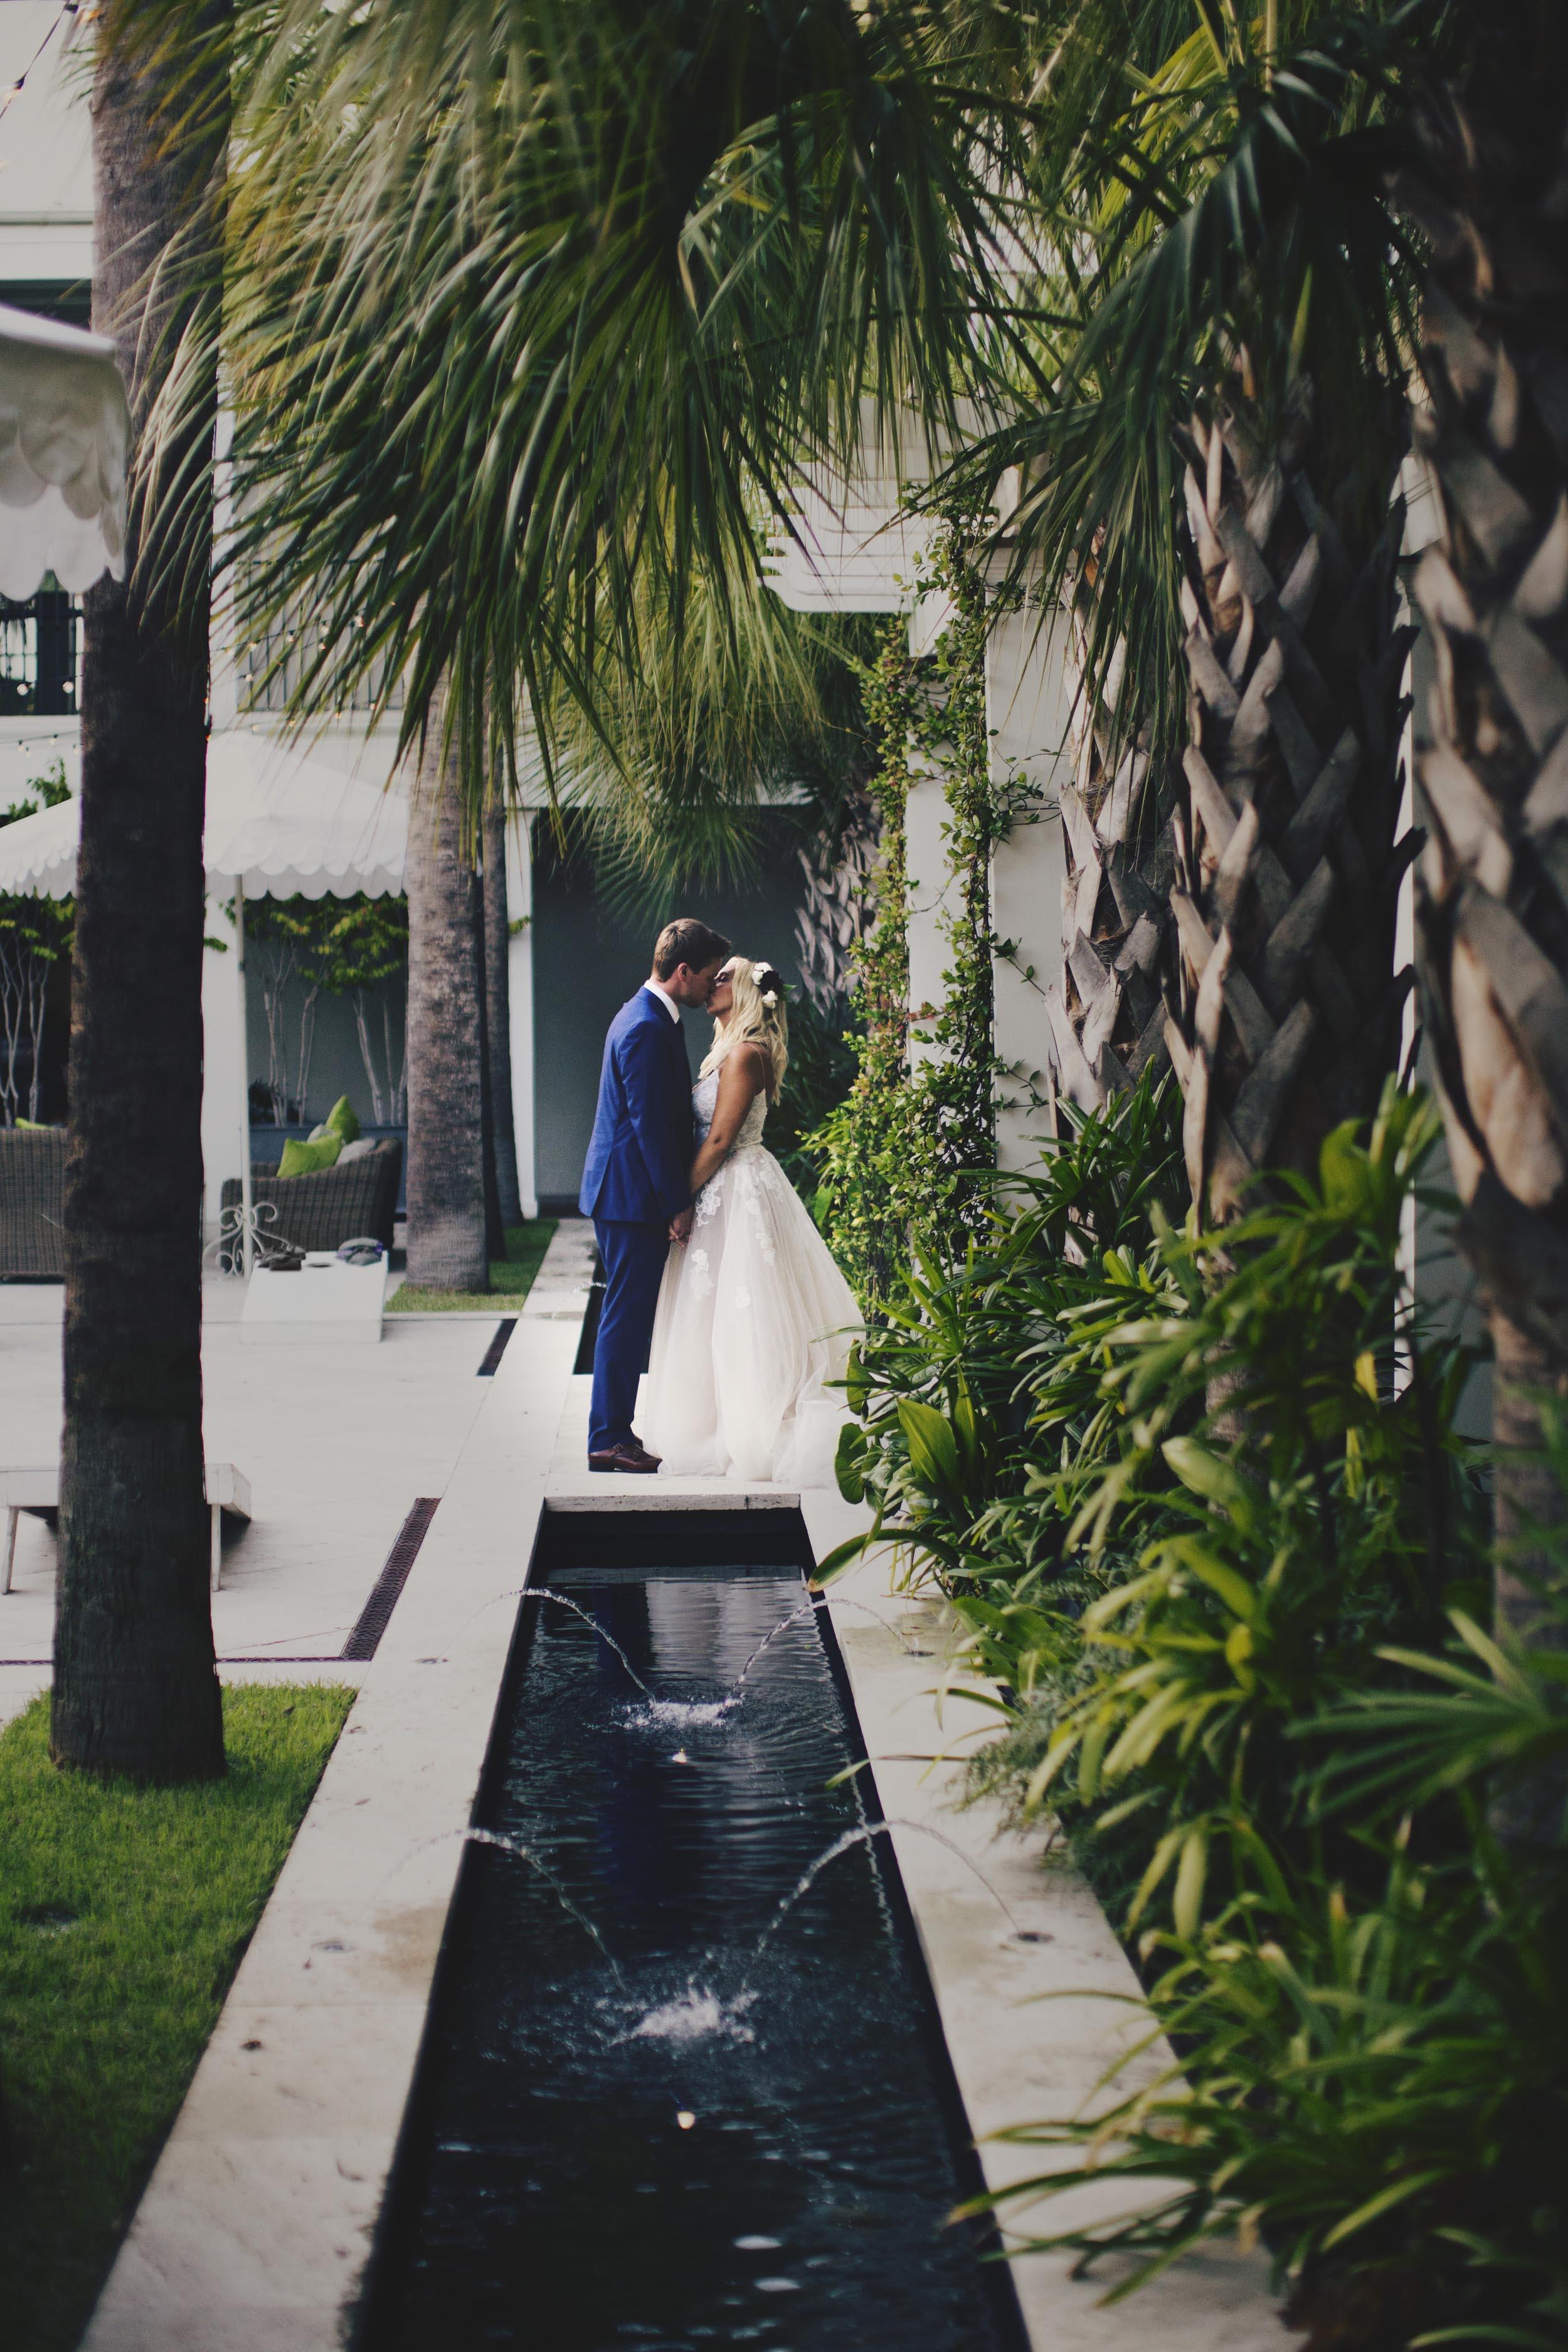 weddings-charleston16.JPG